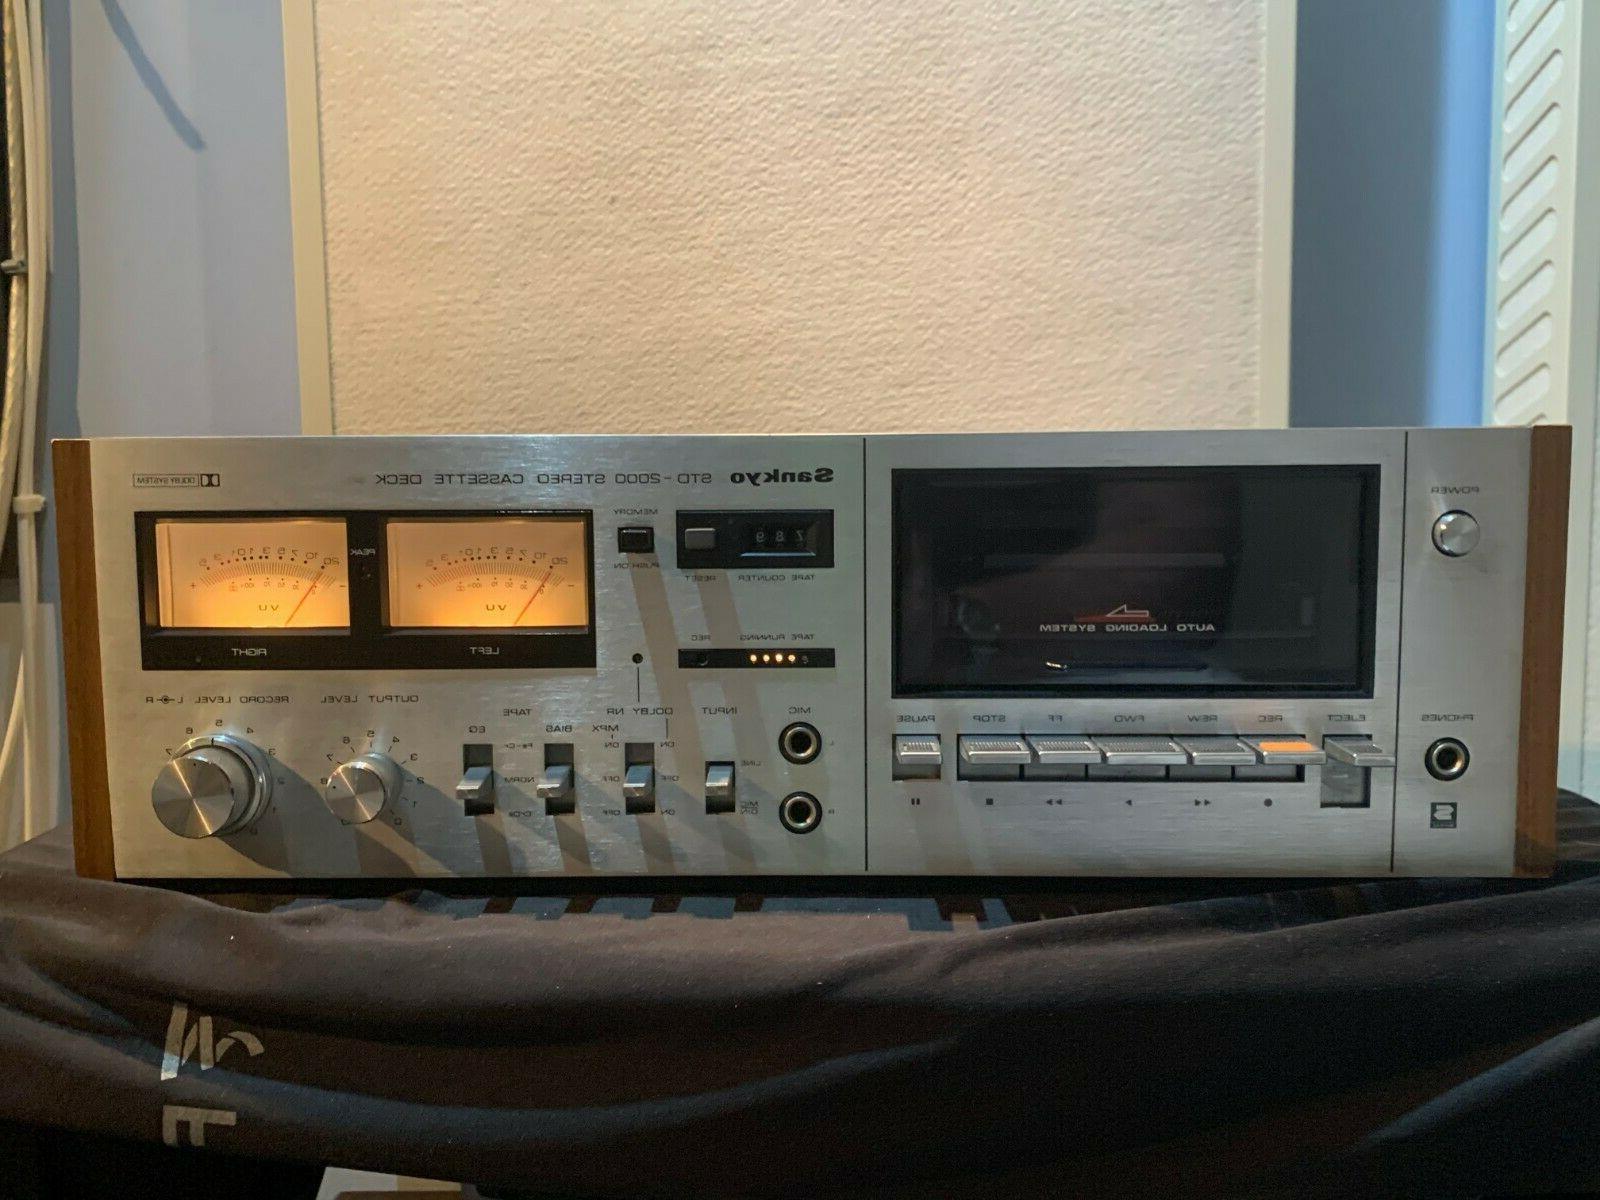 std 2000 cassette deck as is